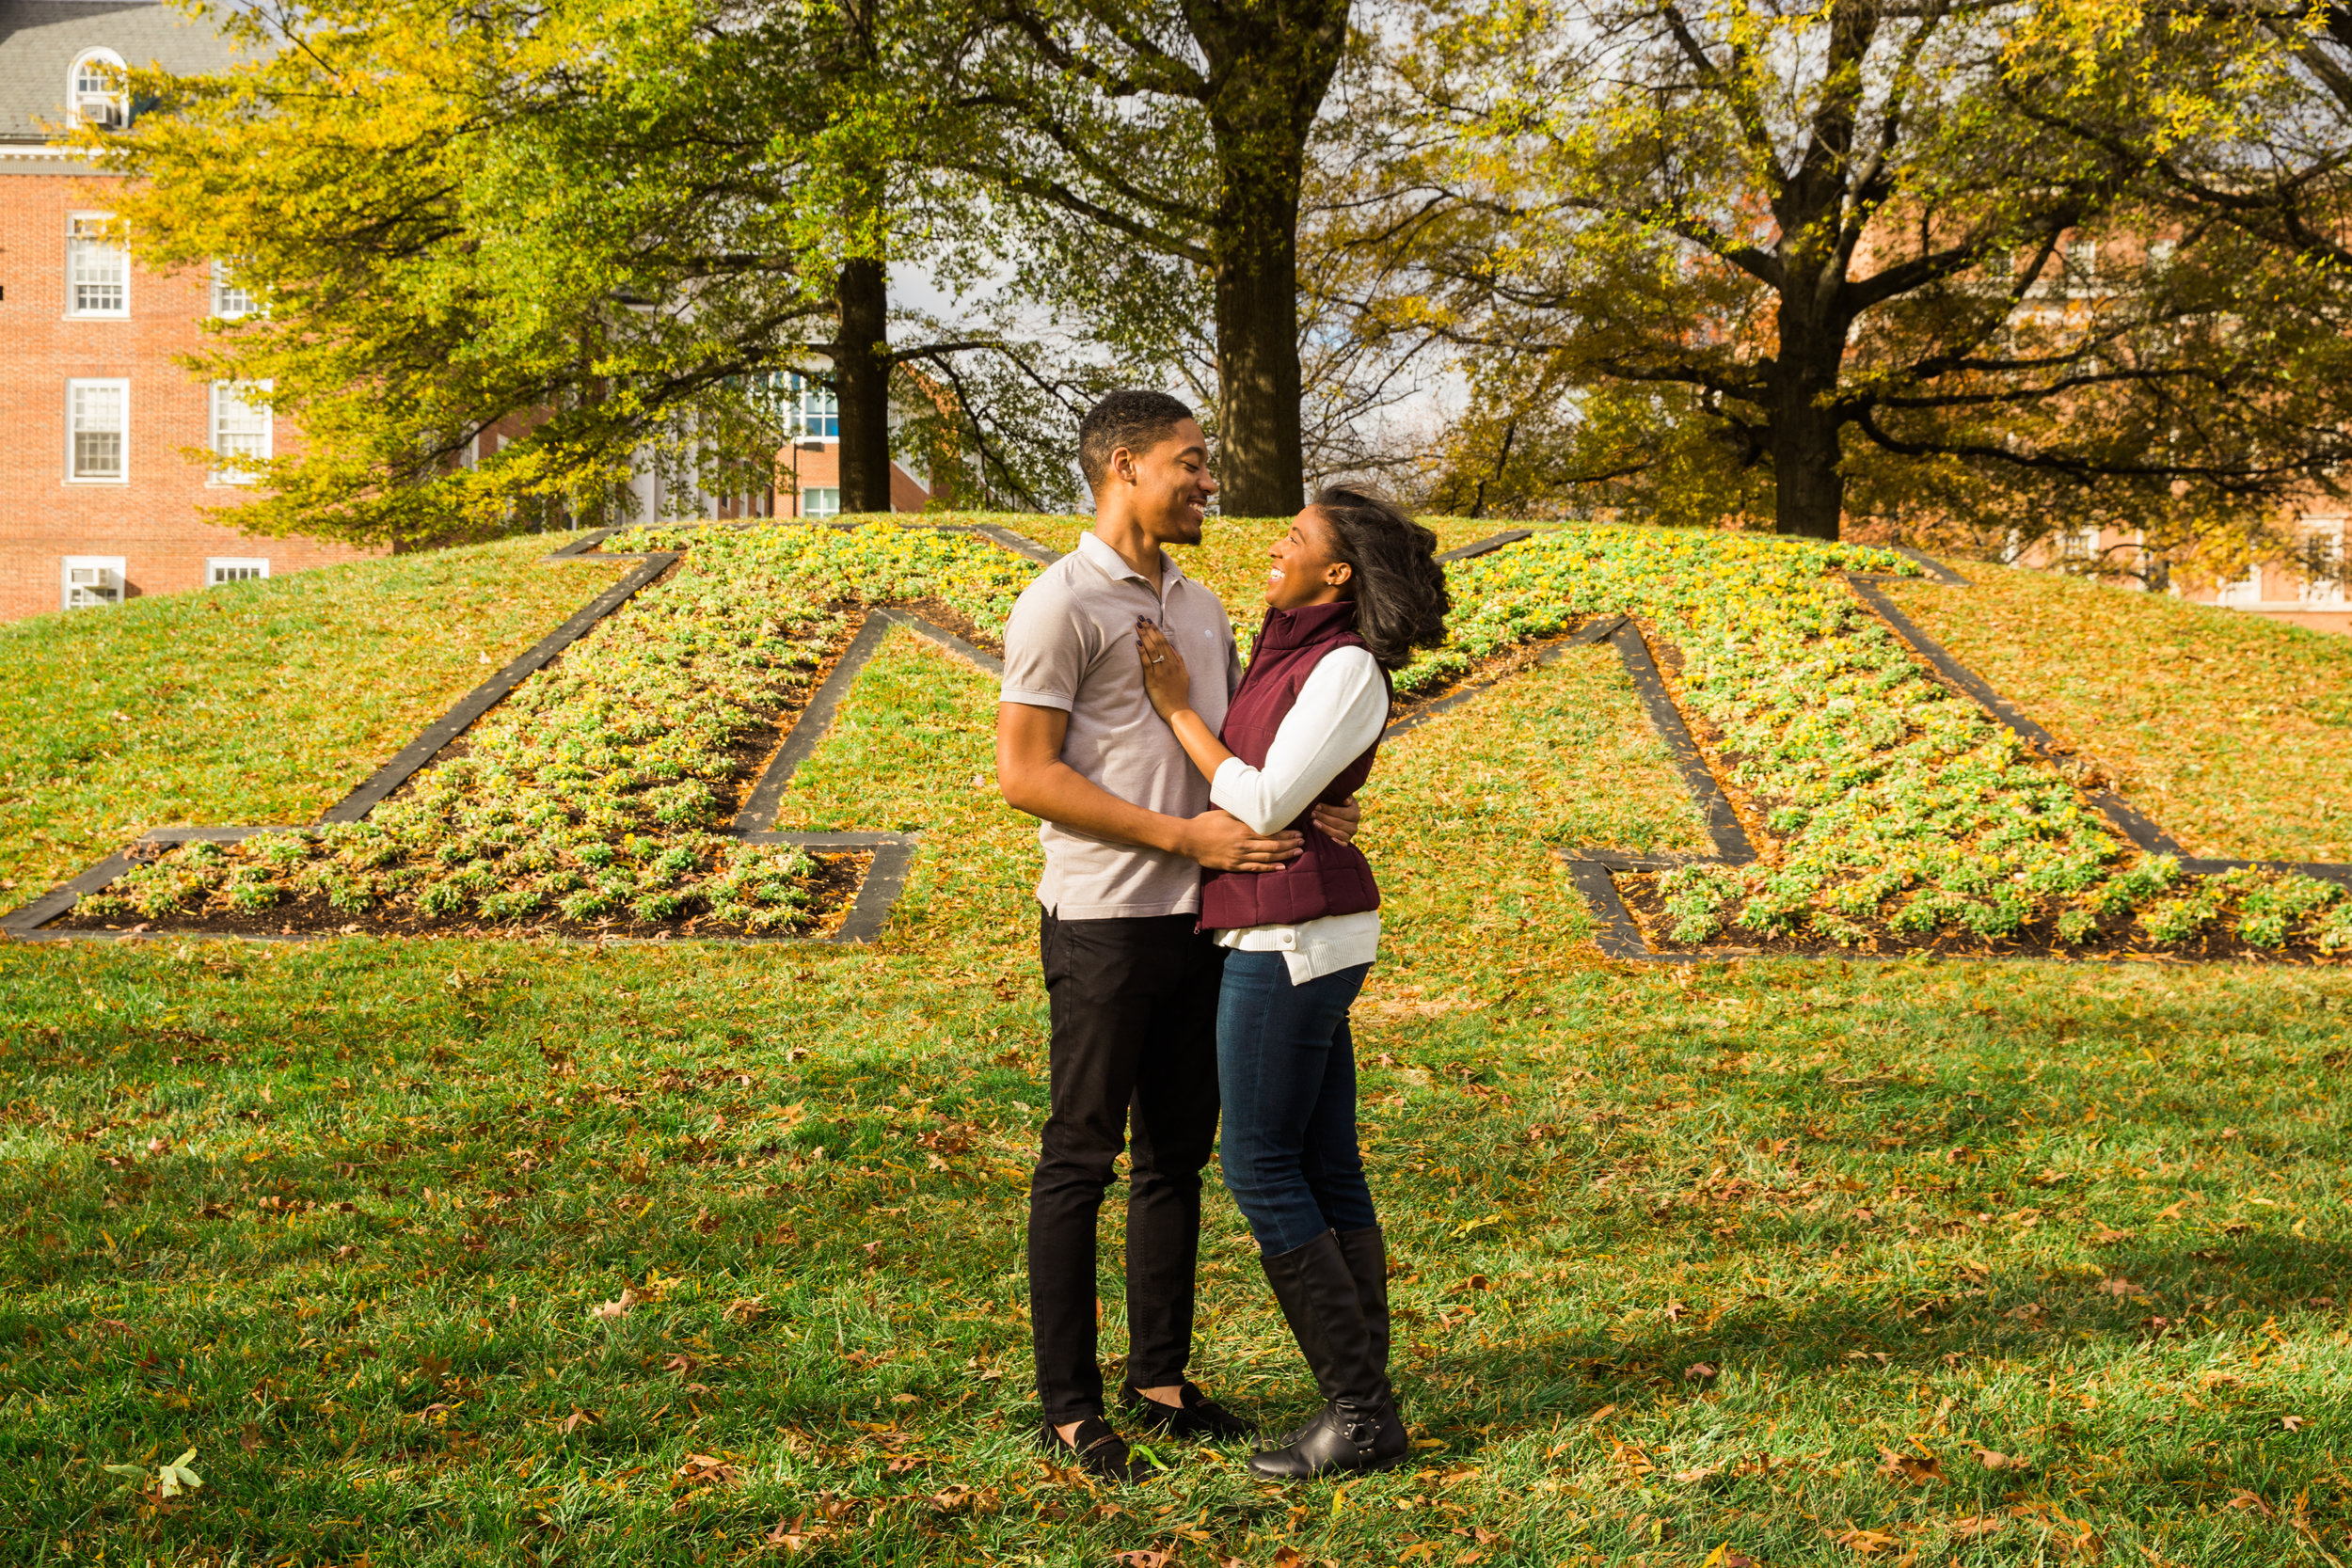 University of Maryland Engagement Session Photography-6.jpg